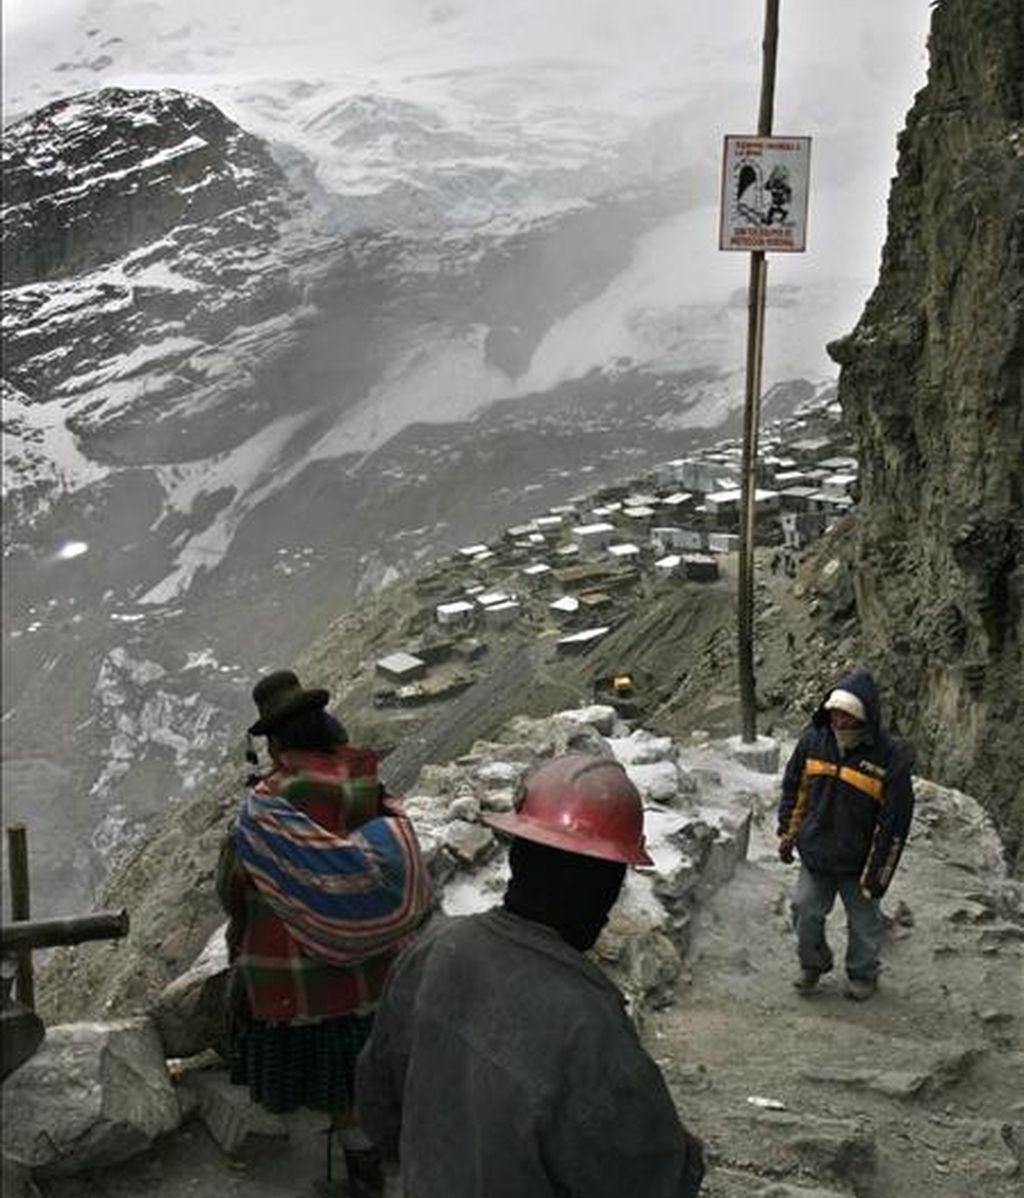 La región se han reportado temperaturas de hasta un grado centígrado en las ciudades, aunque el frío es más intenso hacia las zonas rurales andinas. EFE/Archivo